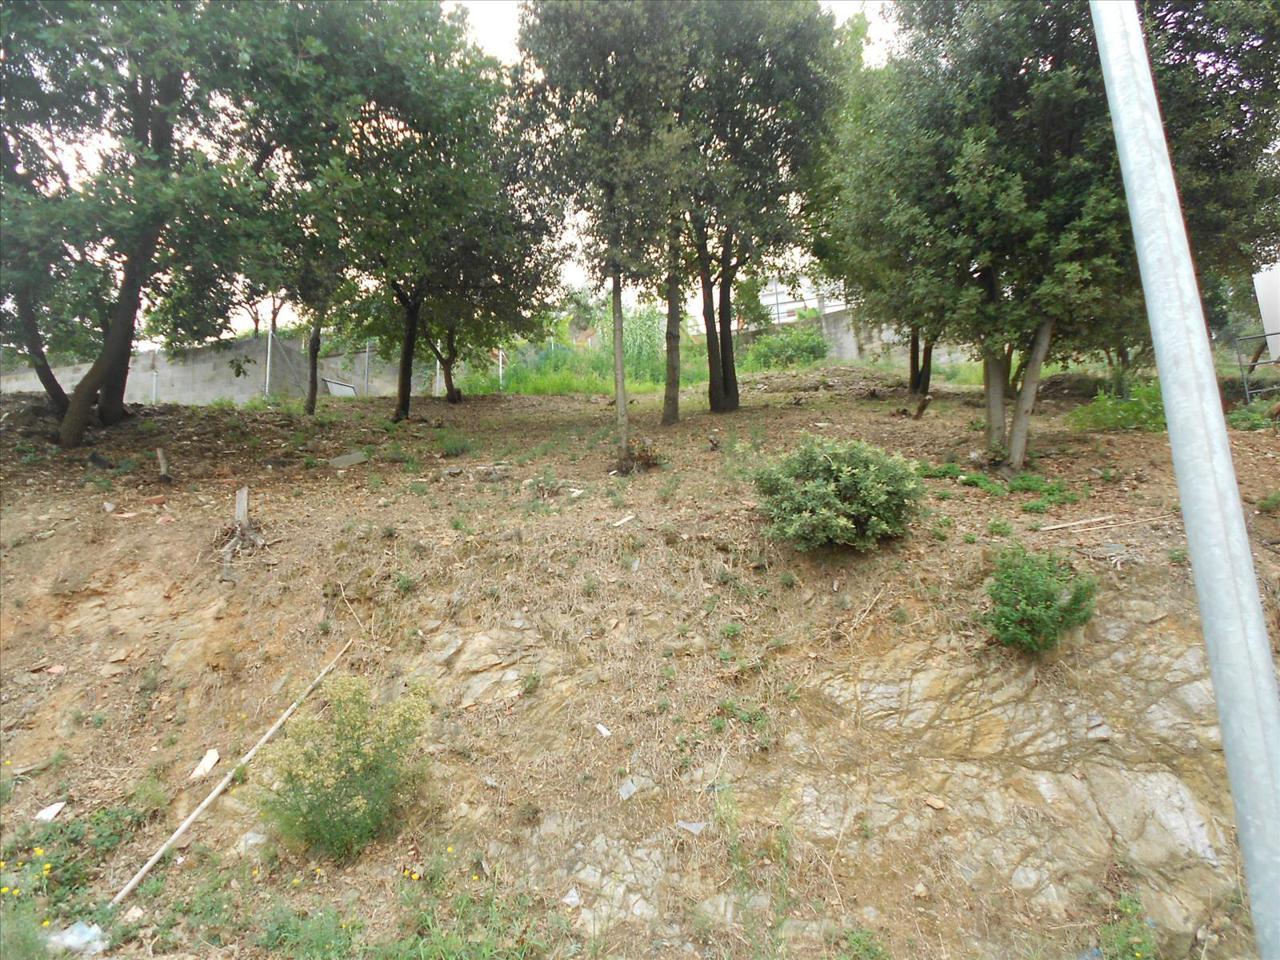 terreno en montornes-del-valles · carrer-de-joan-brossa-08170 69000€